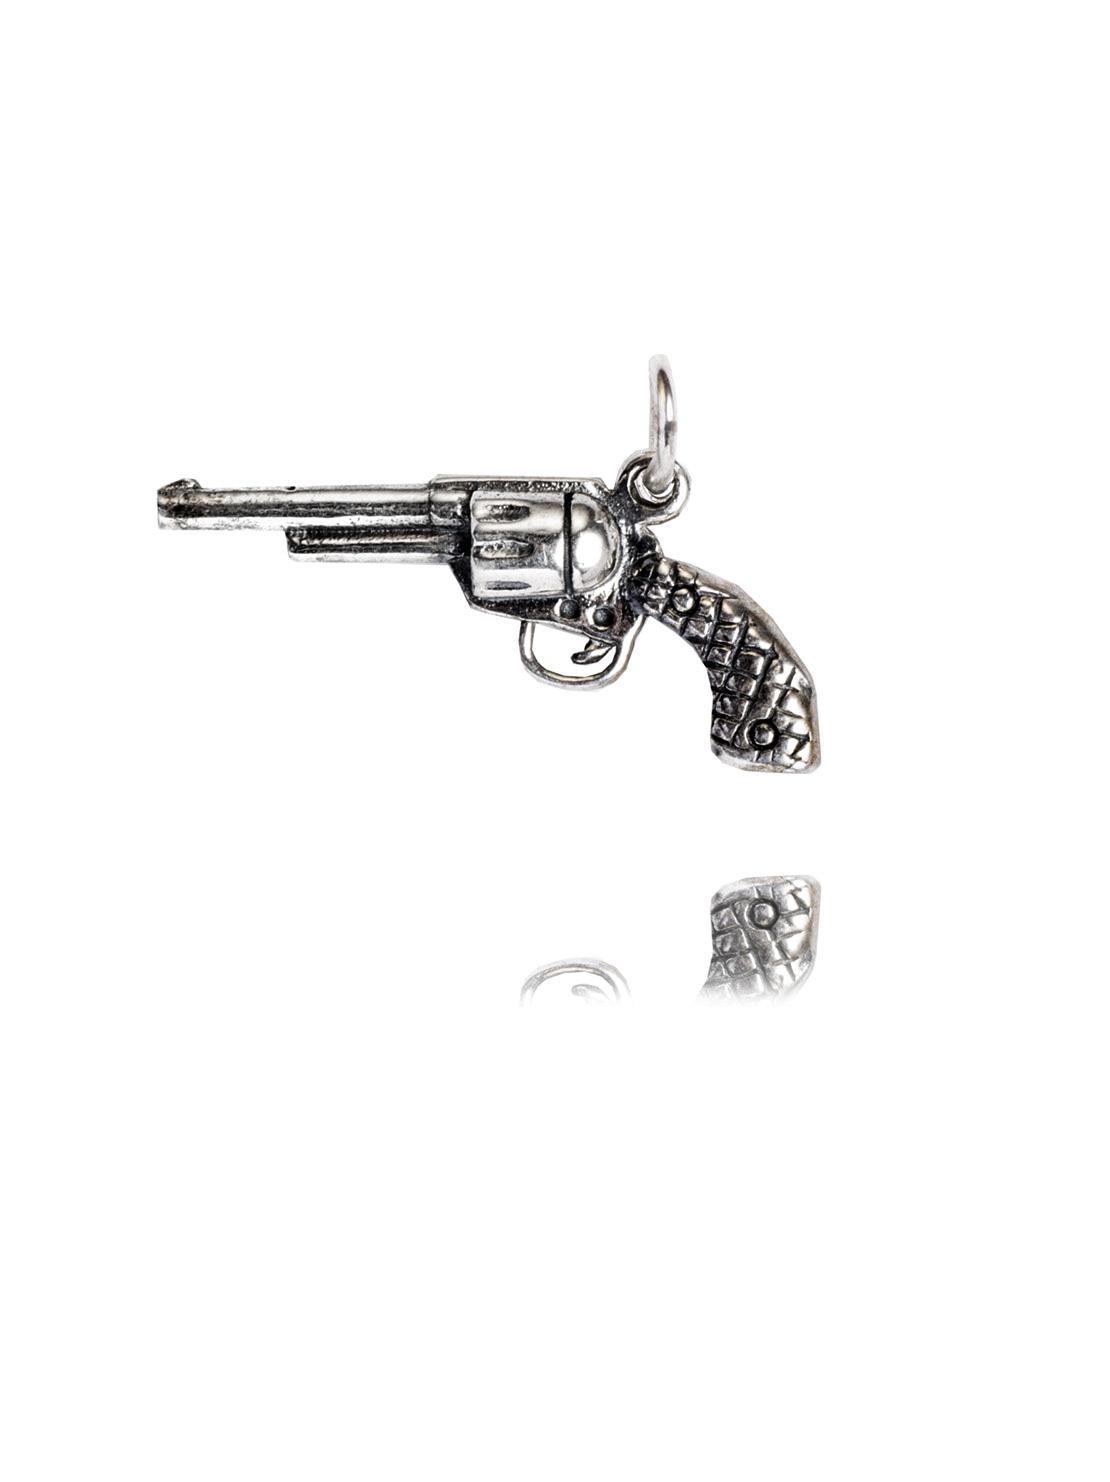 Small Silver Gun Charm